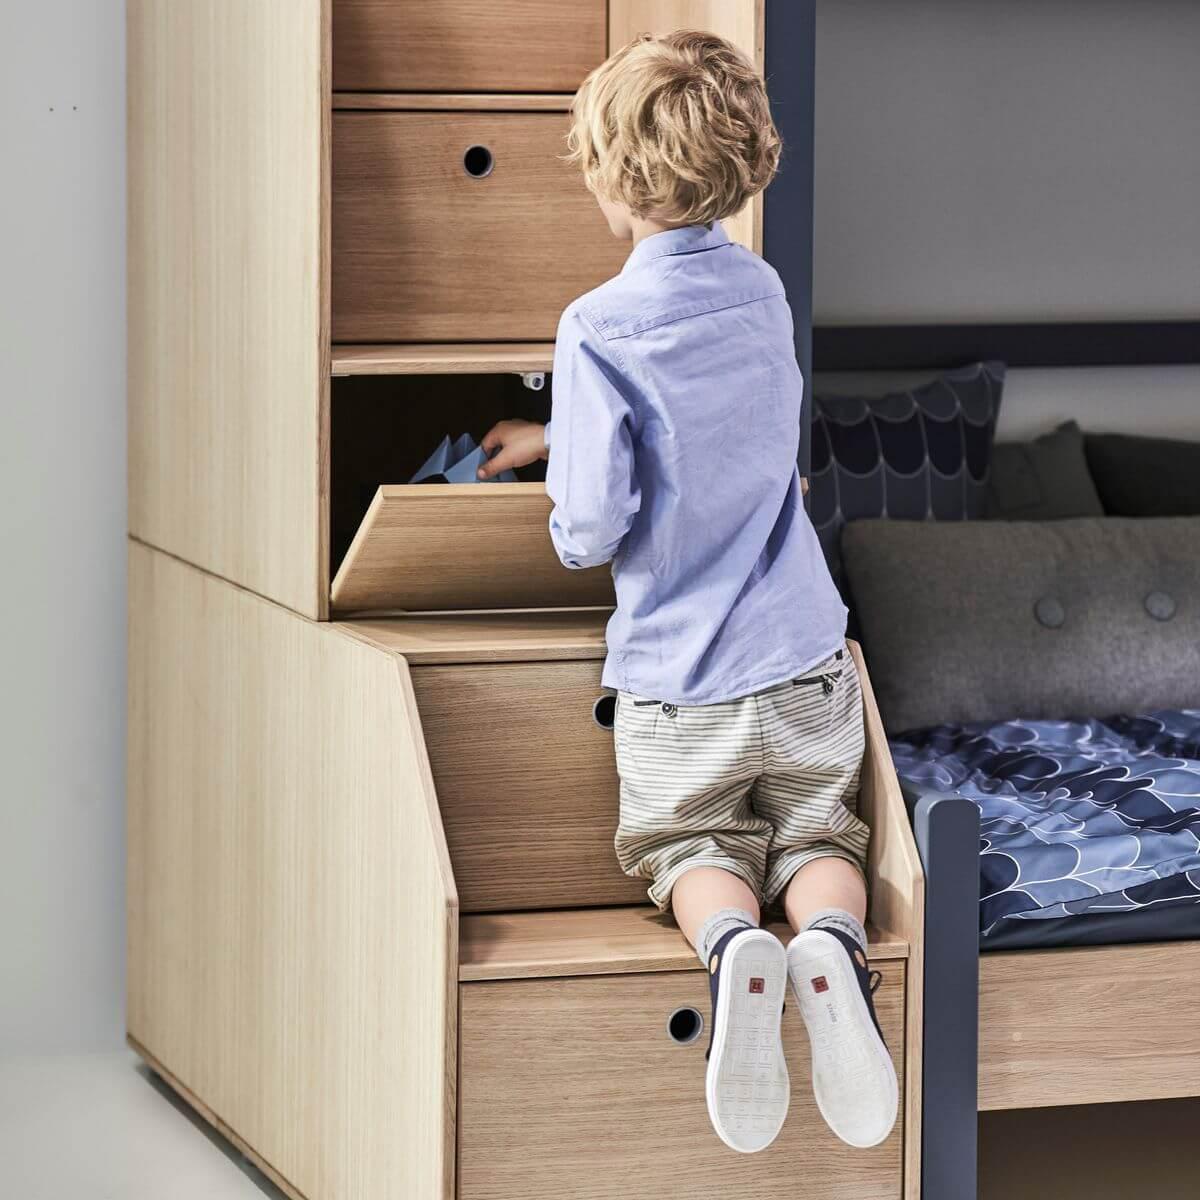 Lit Superposé Marche Escalier abitare-kids.lu | lit évolutif superposé 90/140x200cm